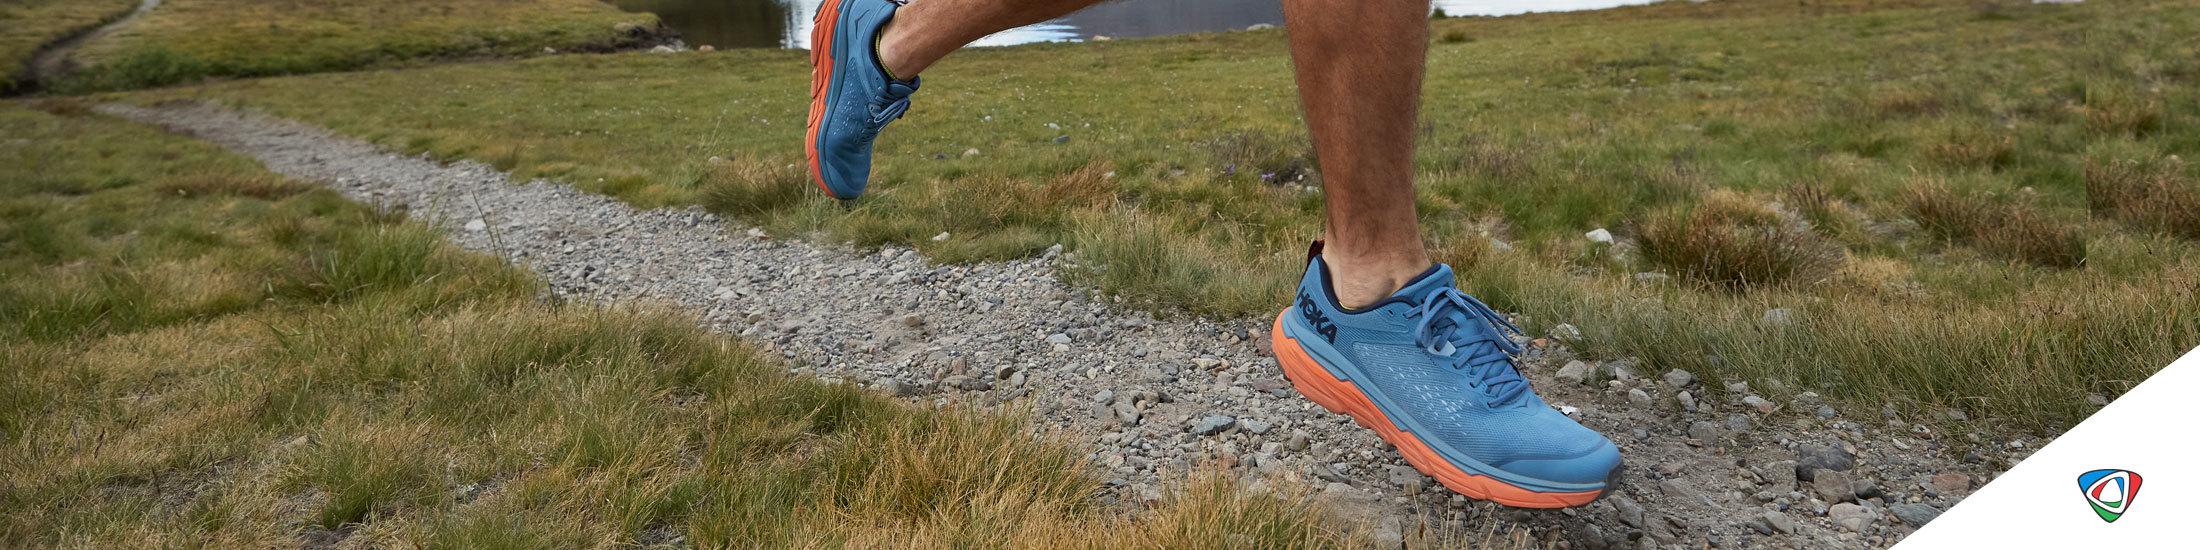 Hardlopen-schoenen-kleding